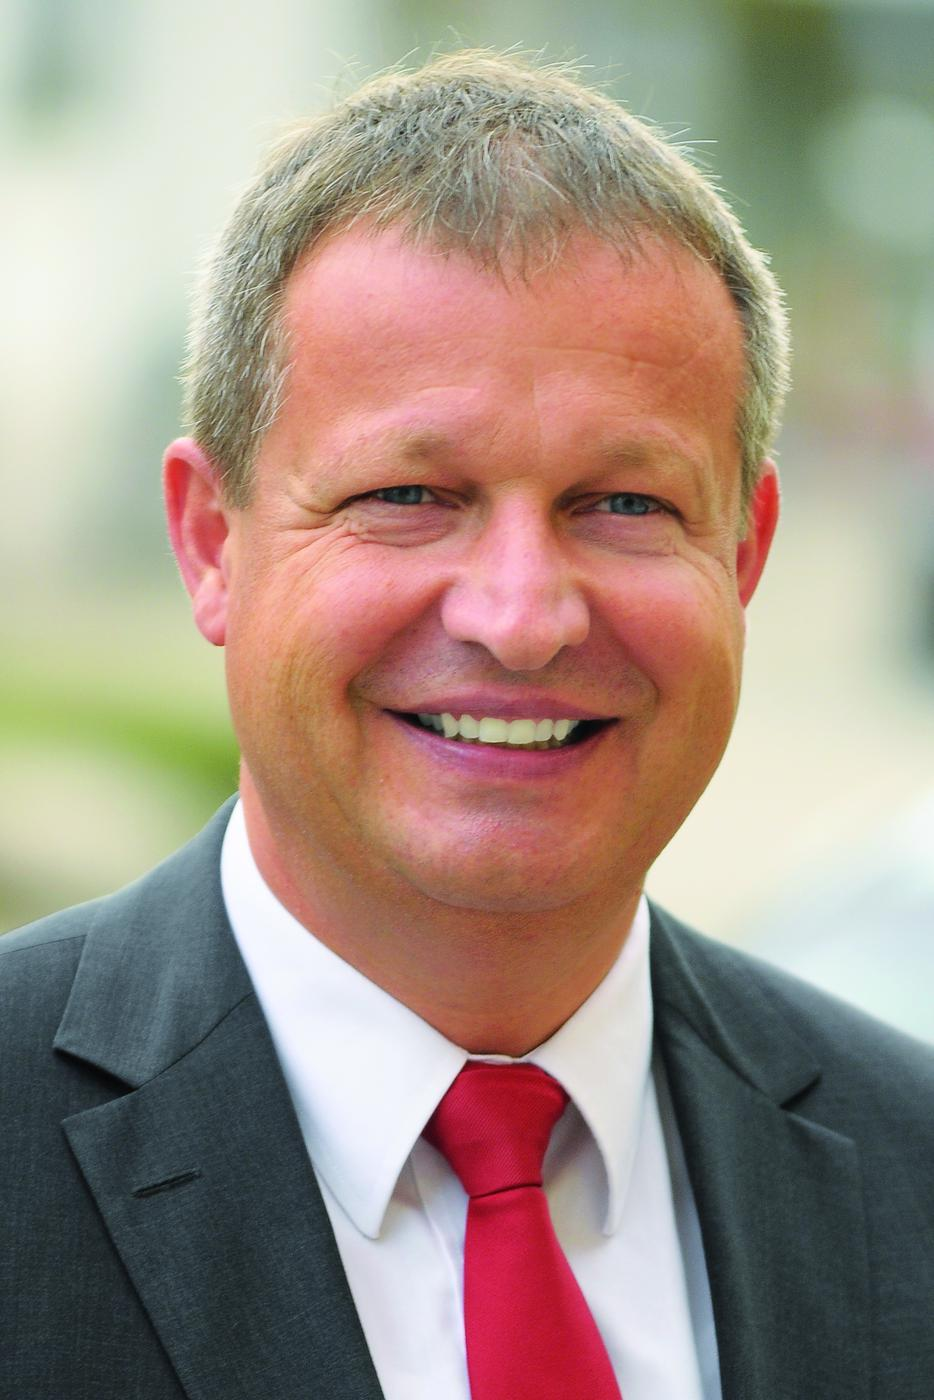 Bürgermeister von Kuppenheim und Vorsitzender der FW-Fraktion im Kreistag